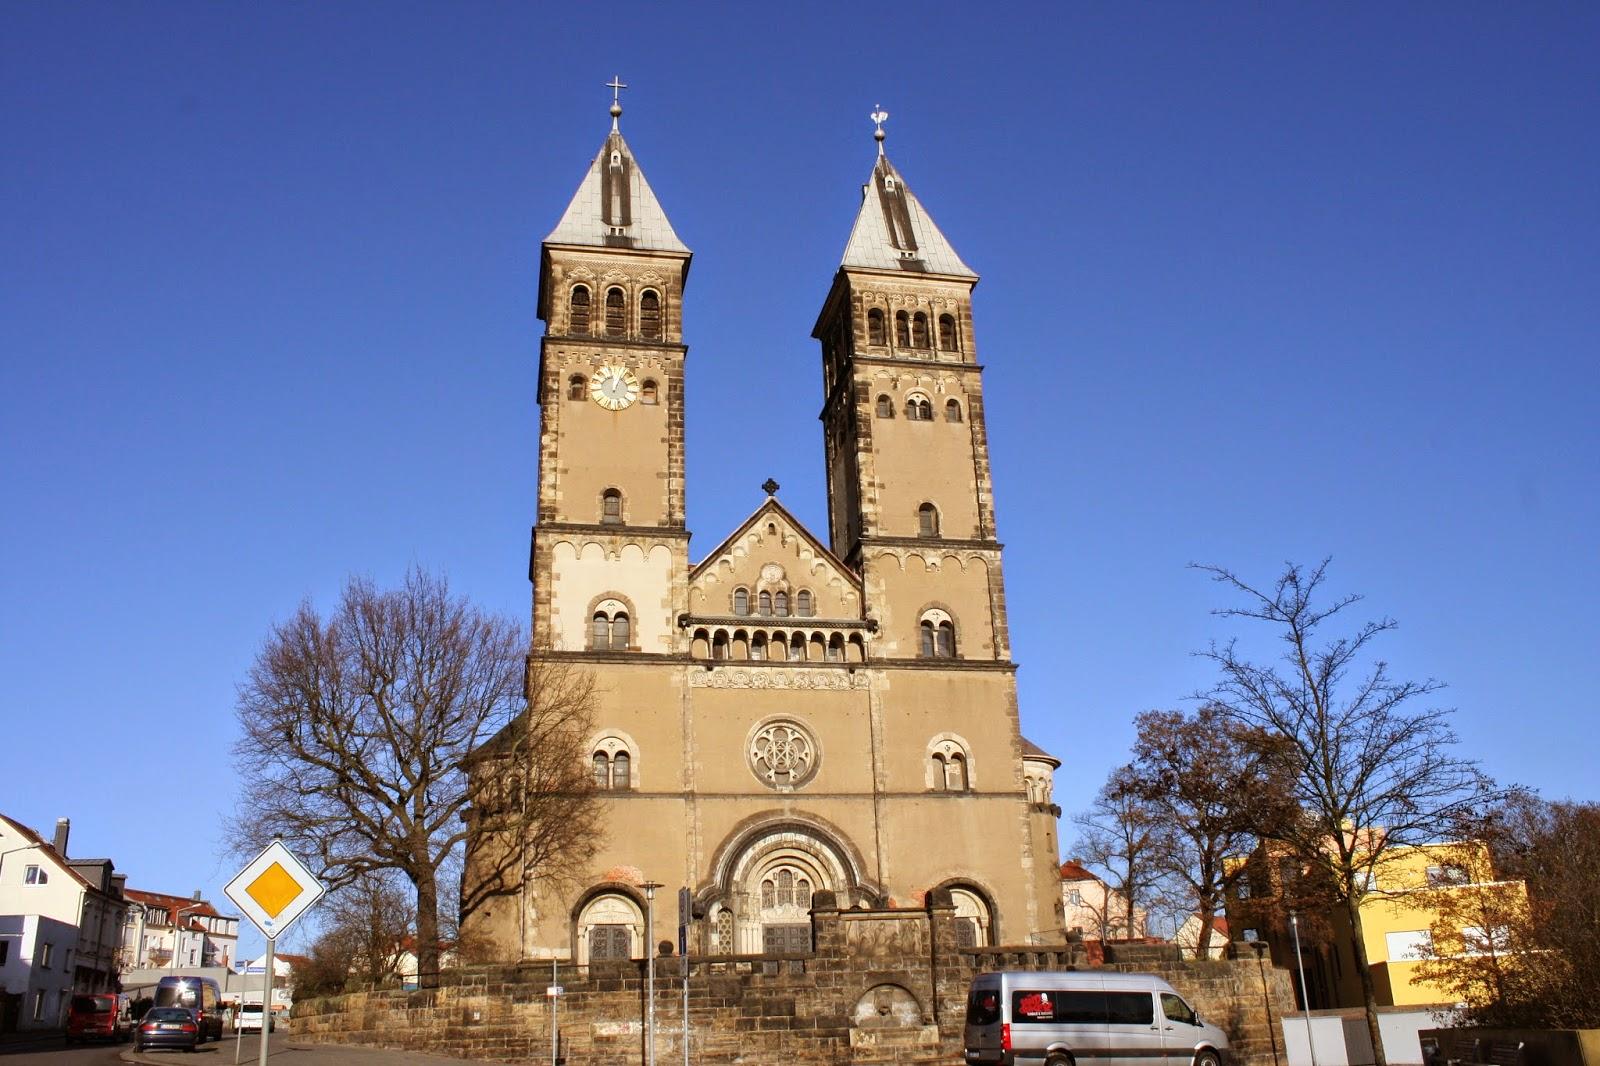 """Die Taborkirche im Stadtteil Kleinzschocher wurde von 1902 bis 1904 erbaut - am 13. März wurde die Kirche dem Berg """"Tabor"""" geweiht, daher auch der Name"""